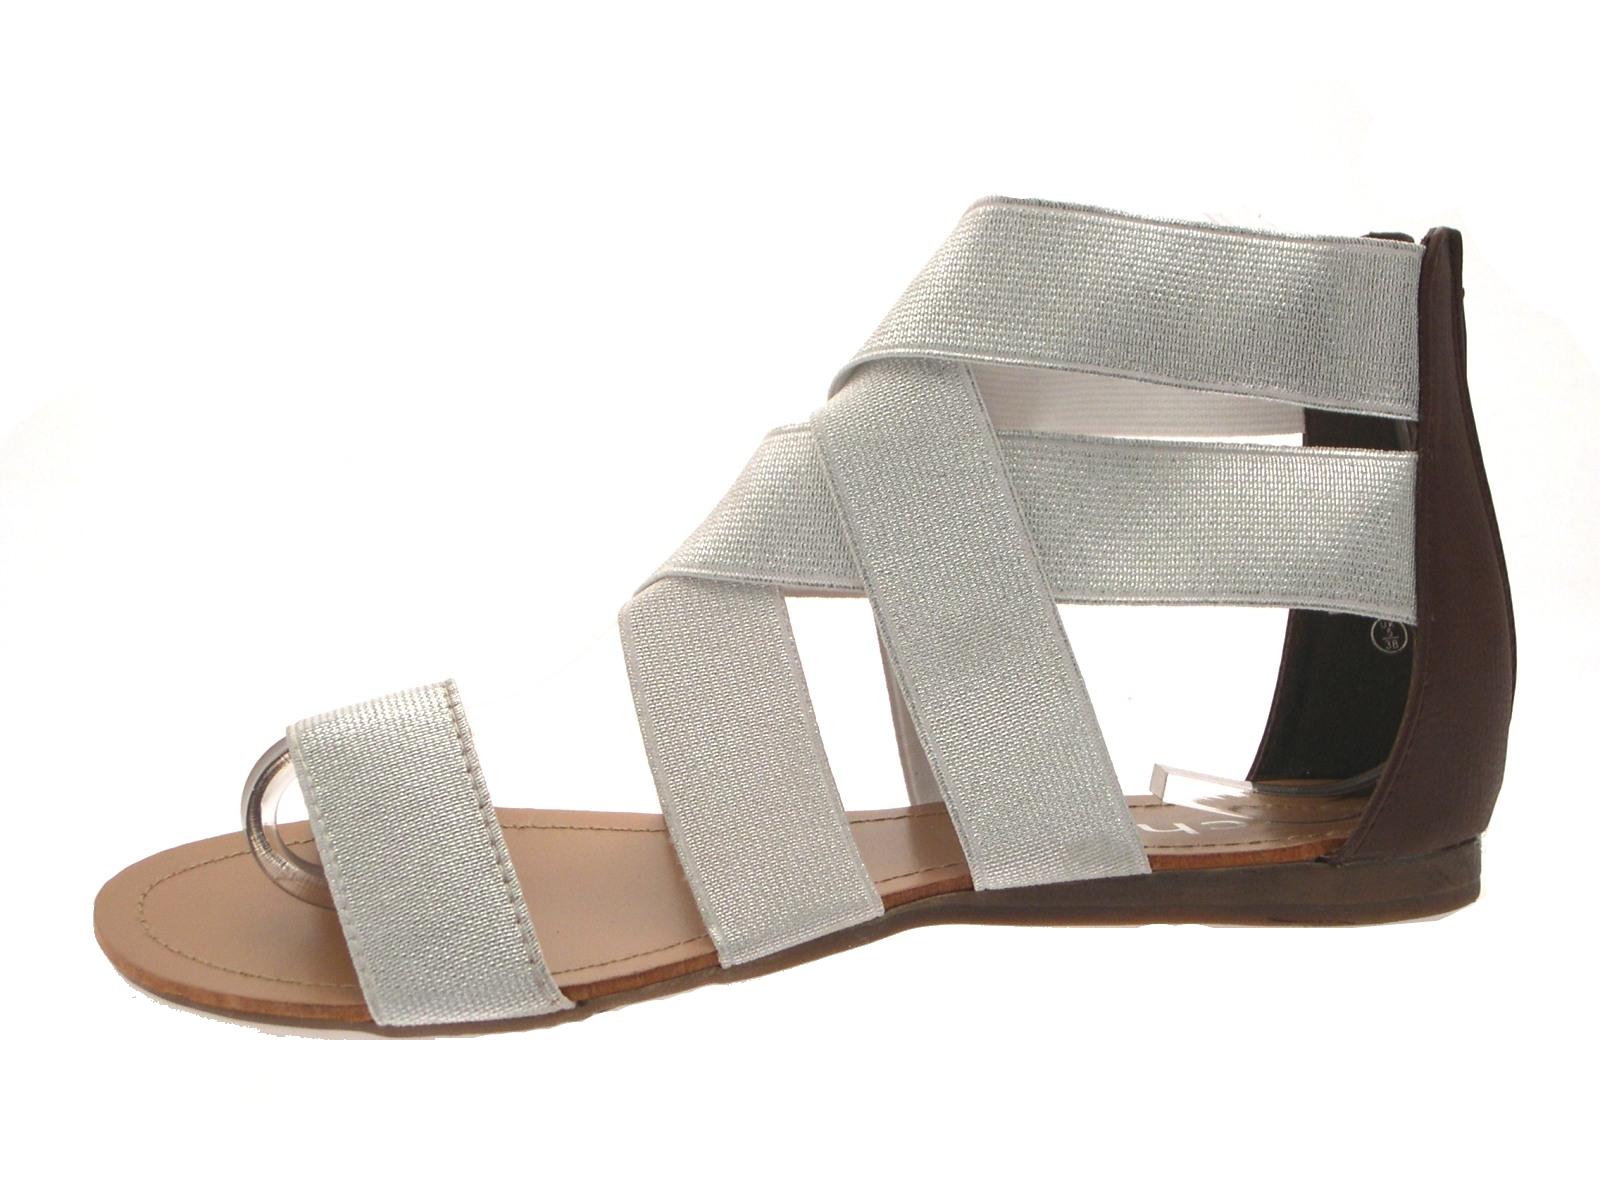 Womens Flat Elastic Strap Shoes Uk